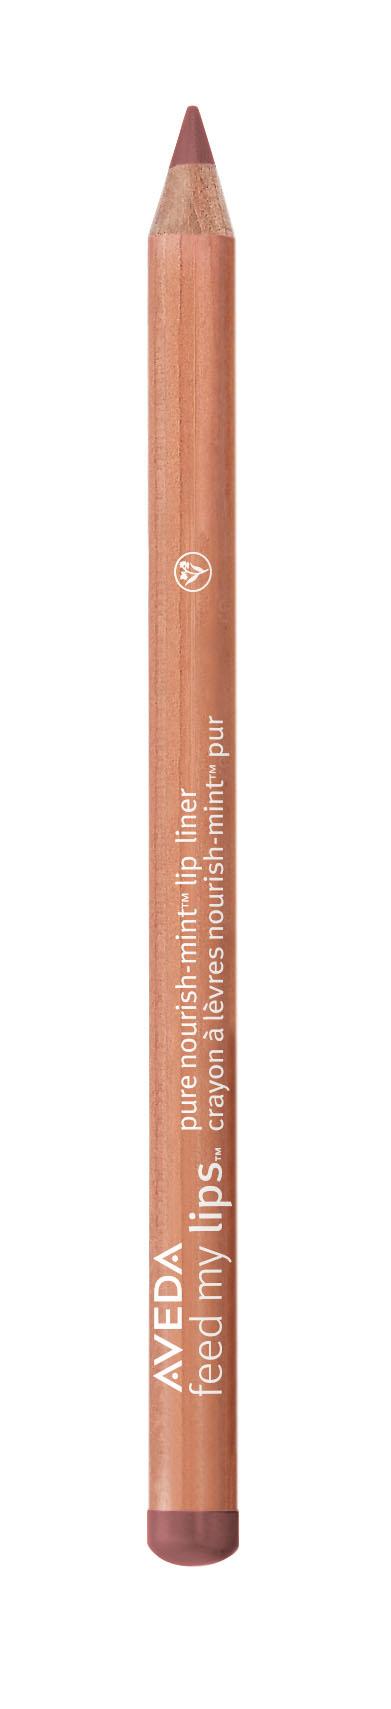 Aveda Lip Liner Chestnut